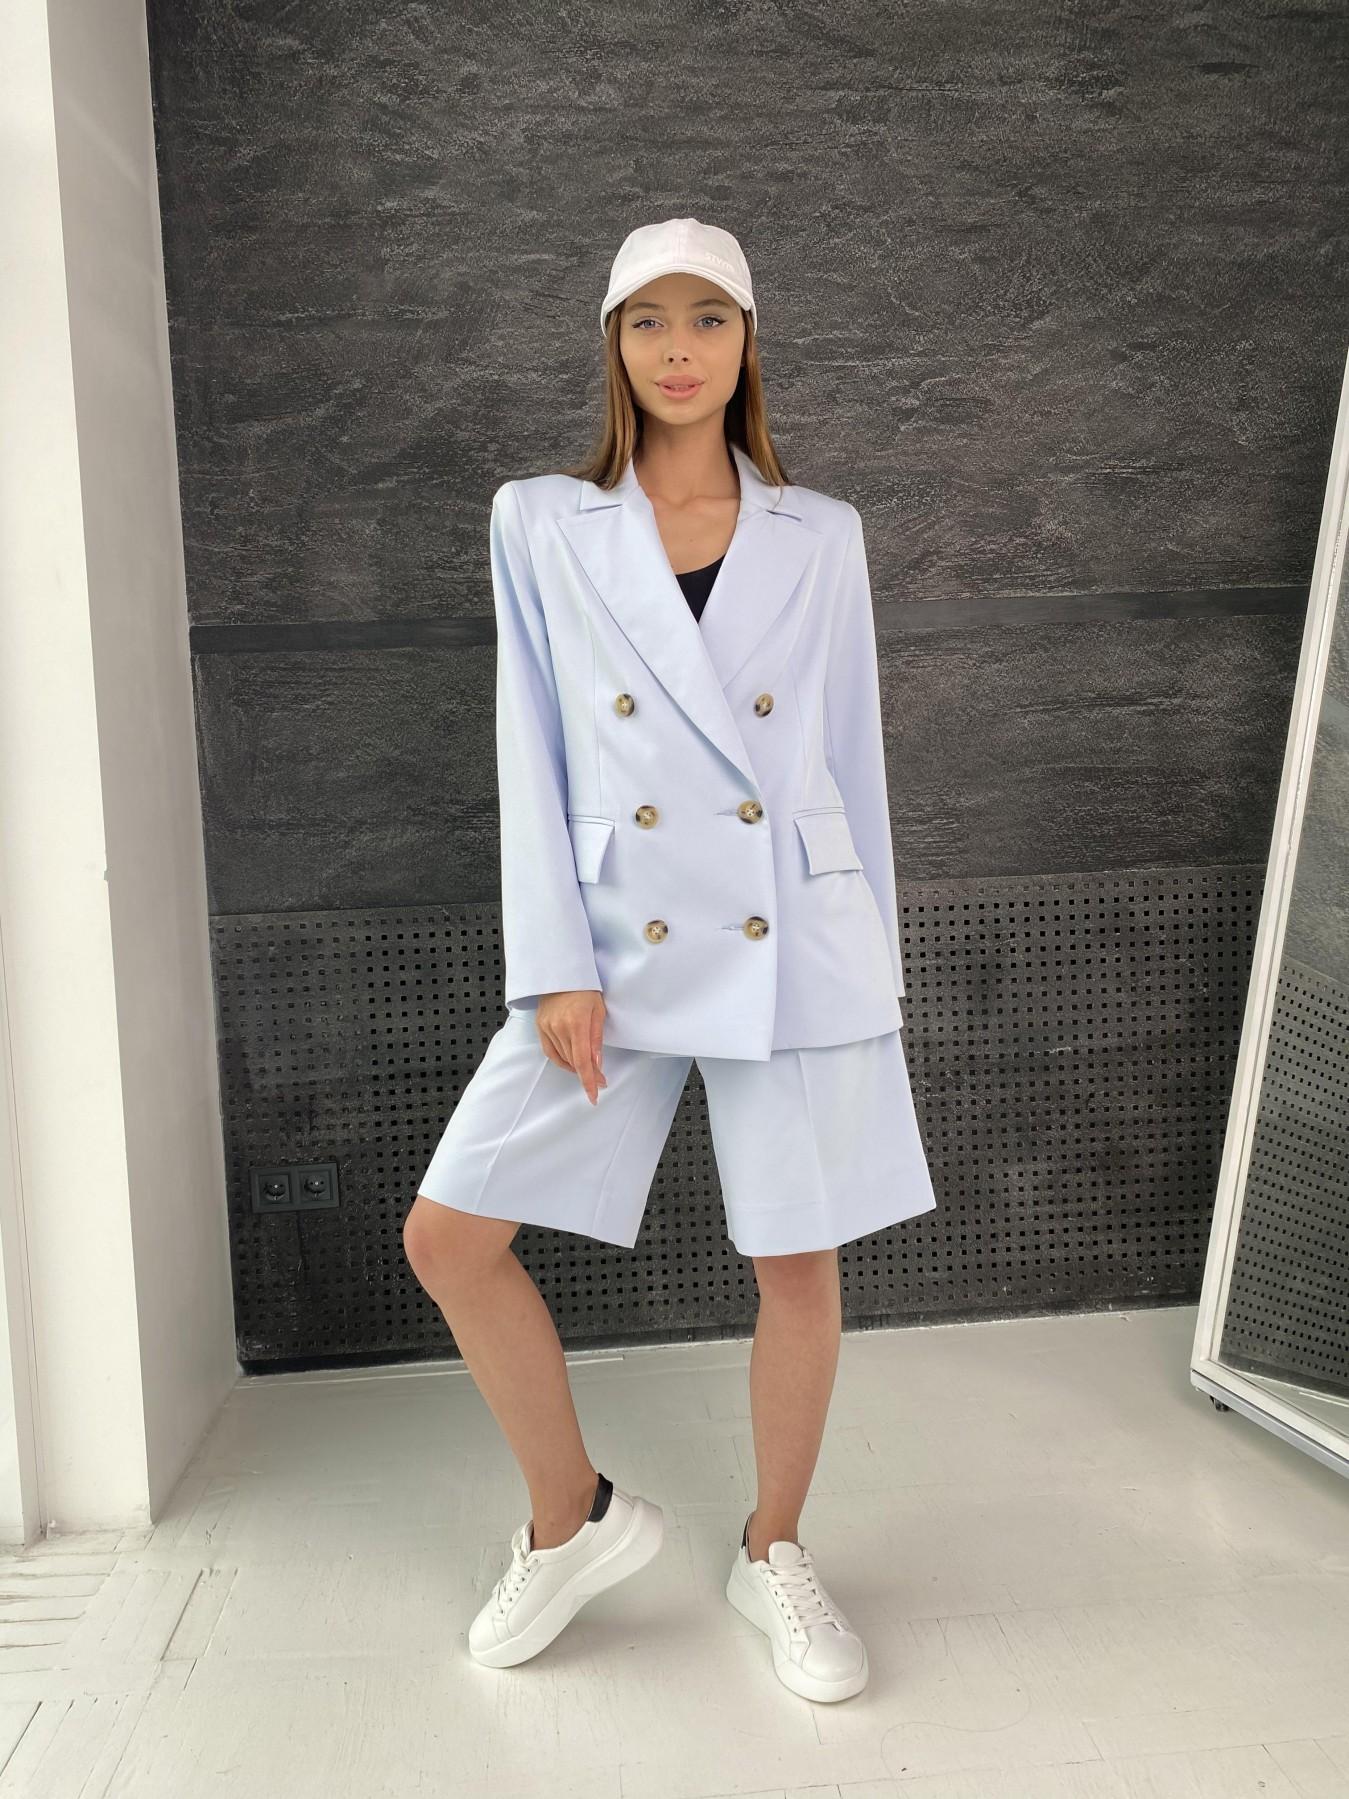 Бонжур шорты из  костюмной ткани стрейч 11403 АРТ. 47952 Цвет: Голубой - фото 2, интернет магазин tm-modus.ru